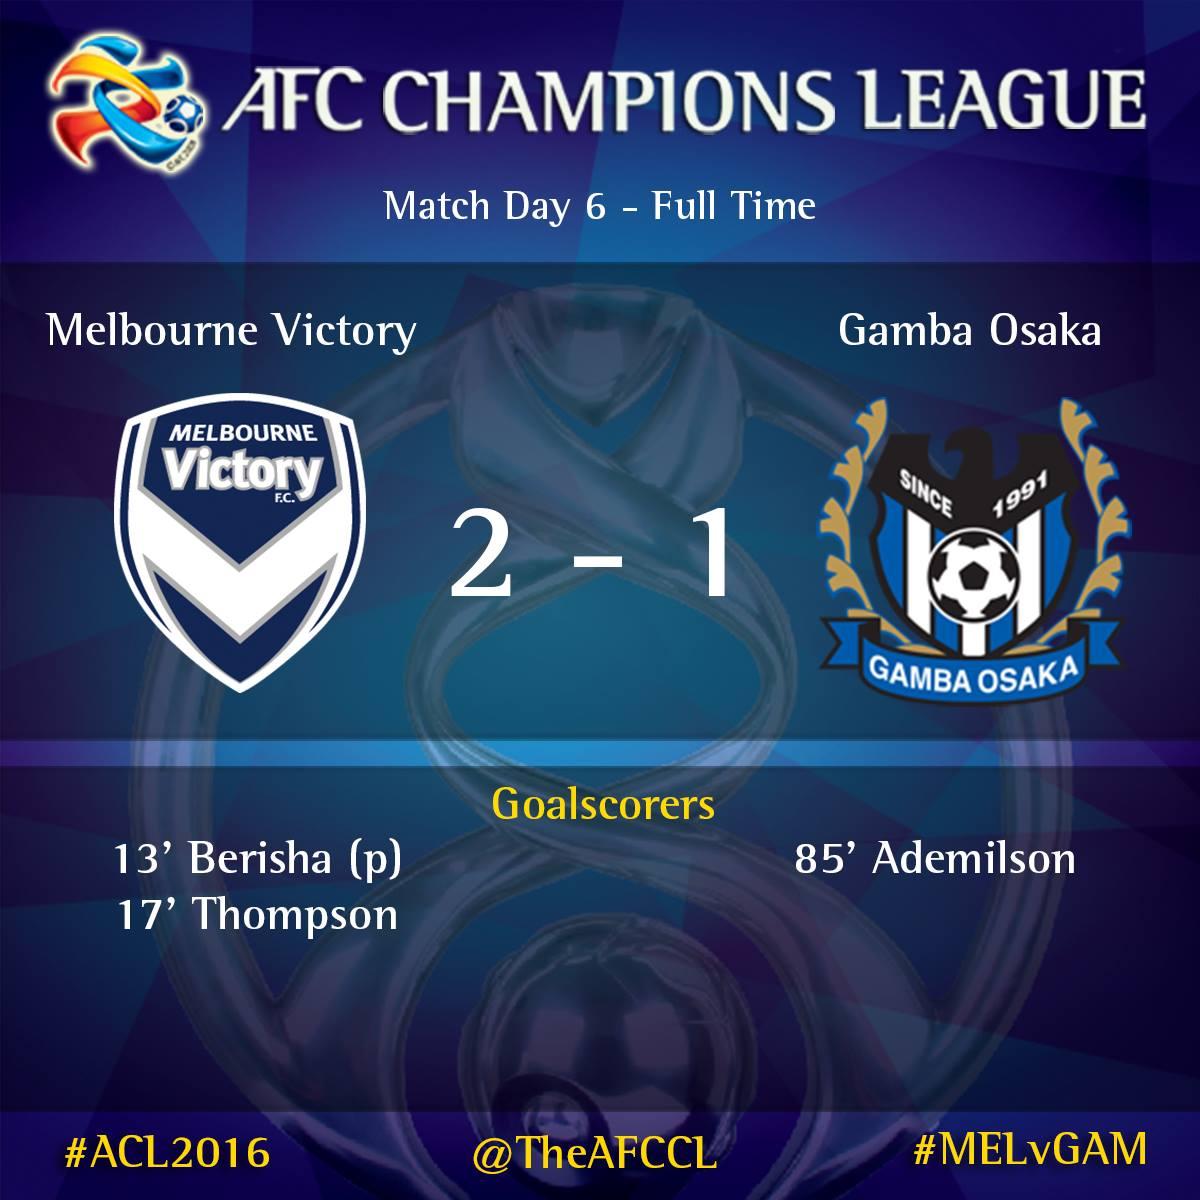 まとめ   5/3 AFCチャンピオンズリーグ2016 グループG MD6試合結果メルボルン・ビクトリーFC 2-1 ガンバ大阪(@・・・ コメント